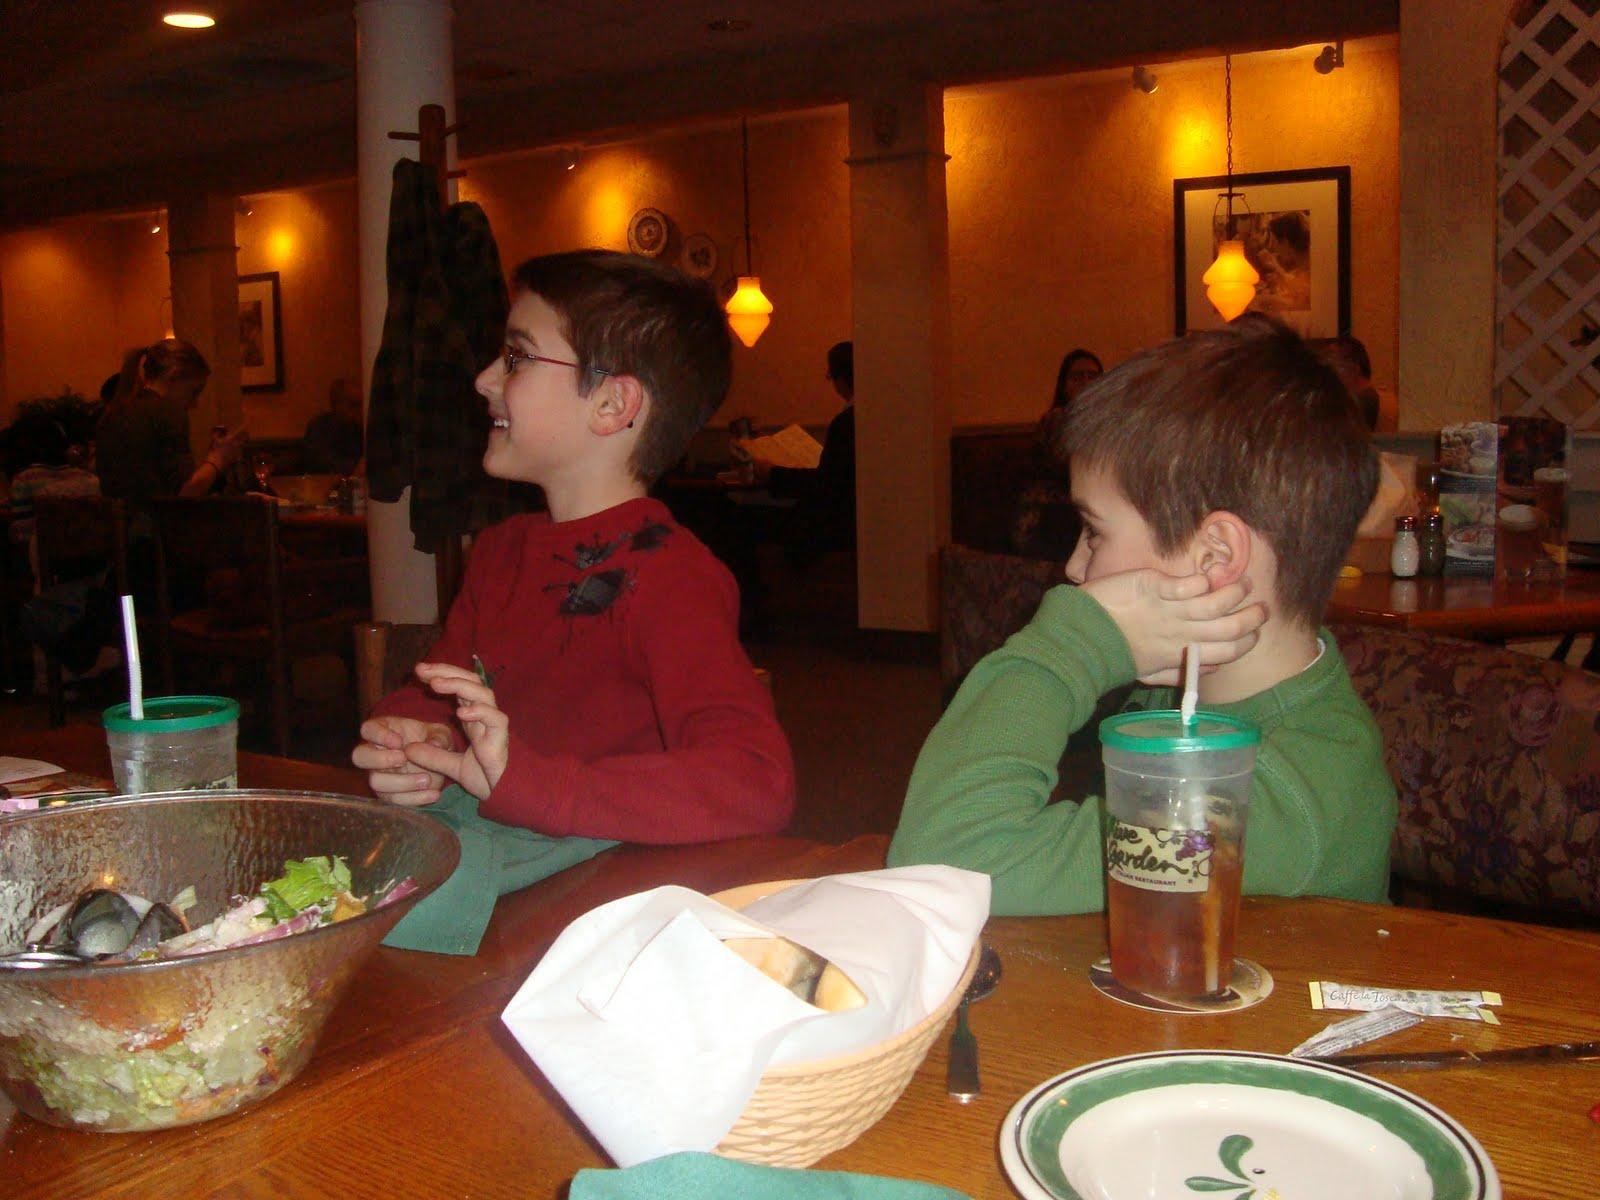 The Hurst Family: 2/13/11 - 2/20/11